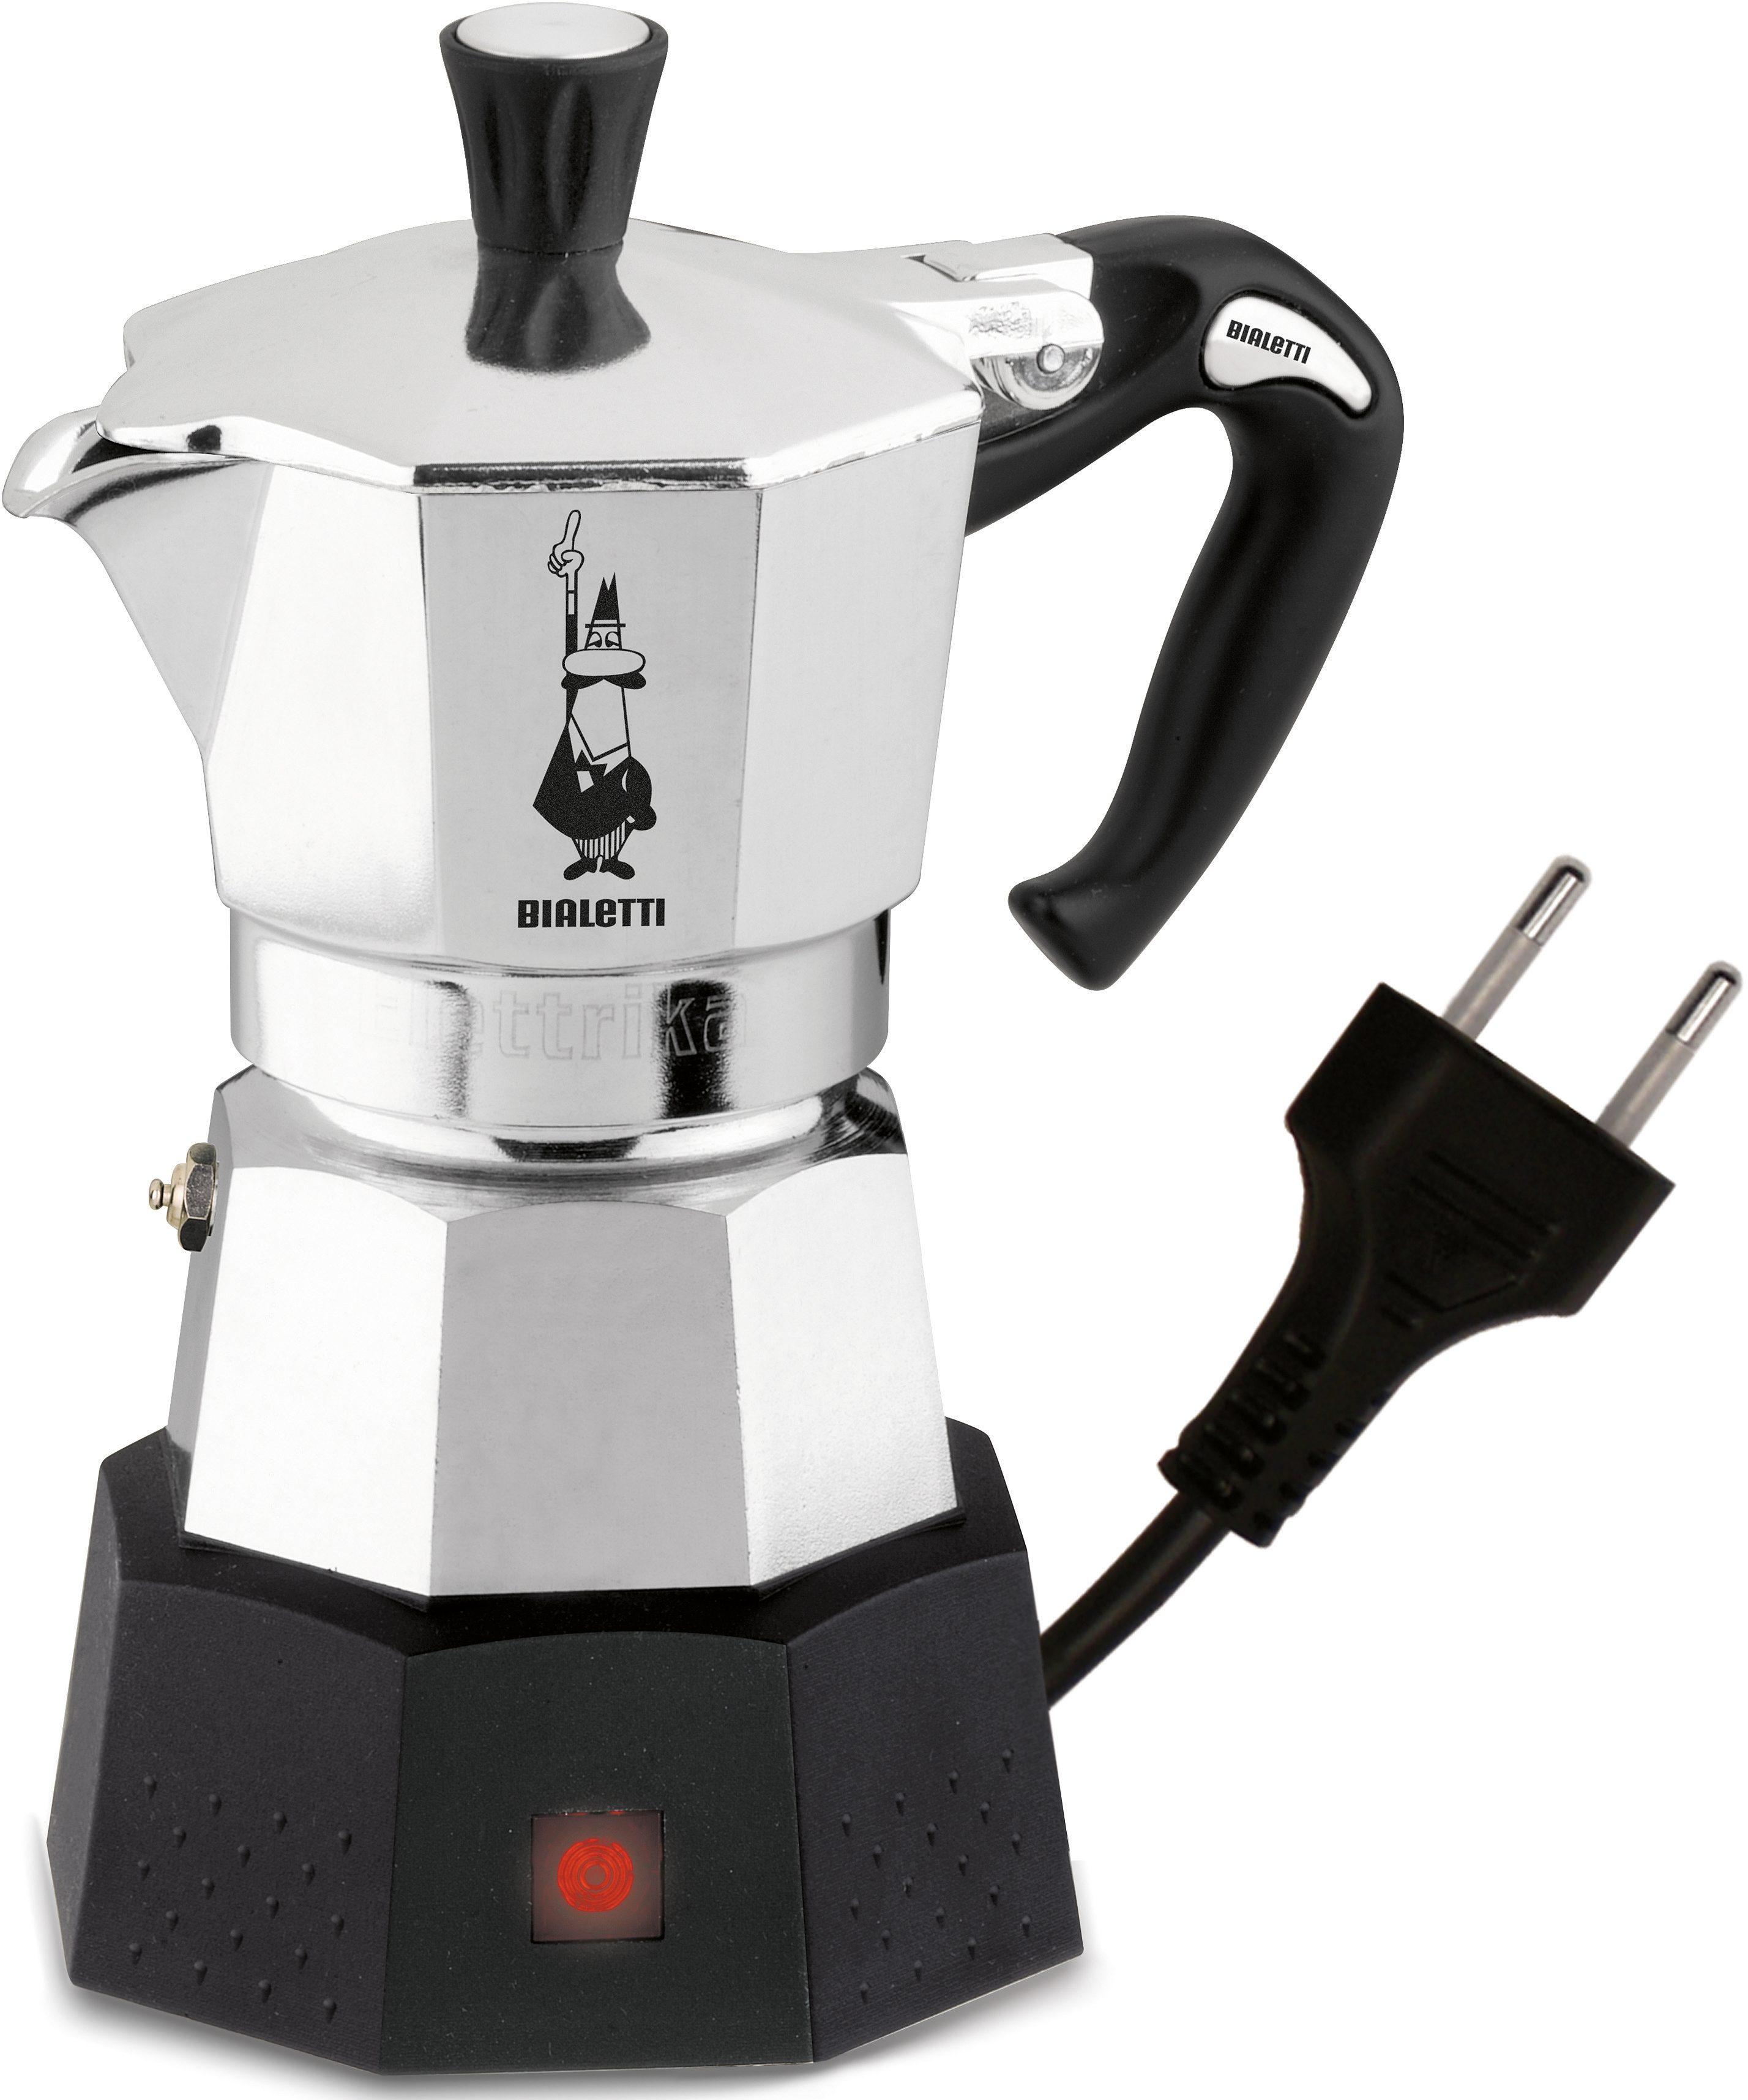 Bialetti Espressokocher Elettrika 2778, mit Reisestecker